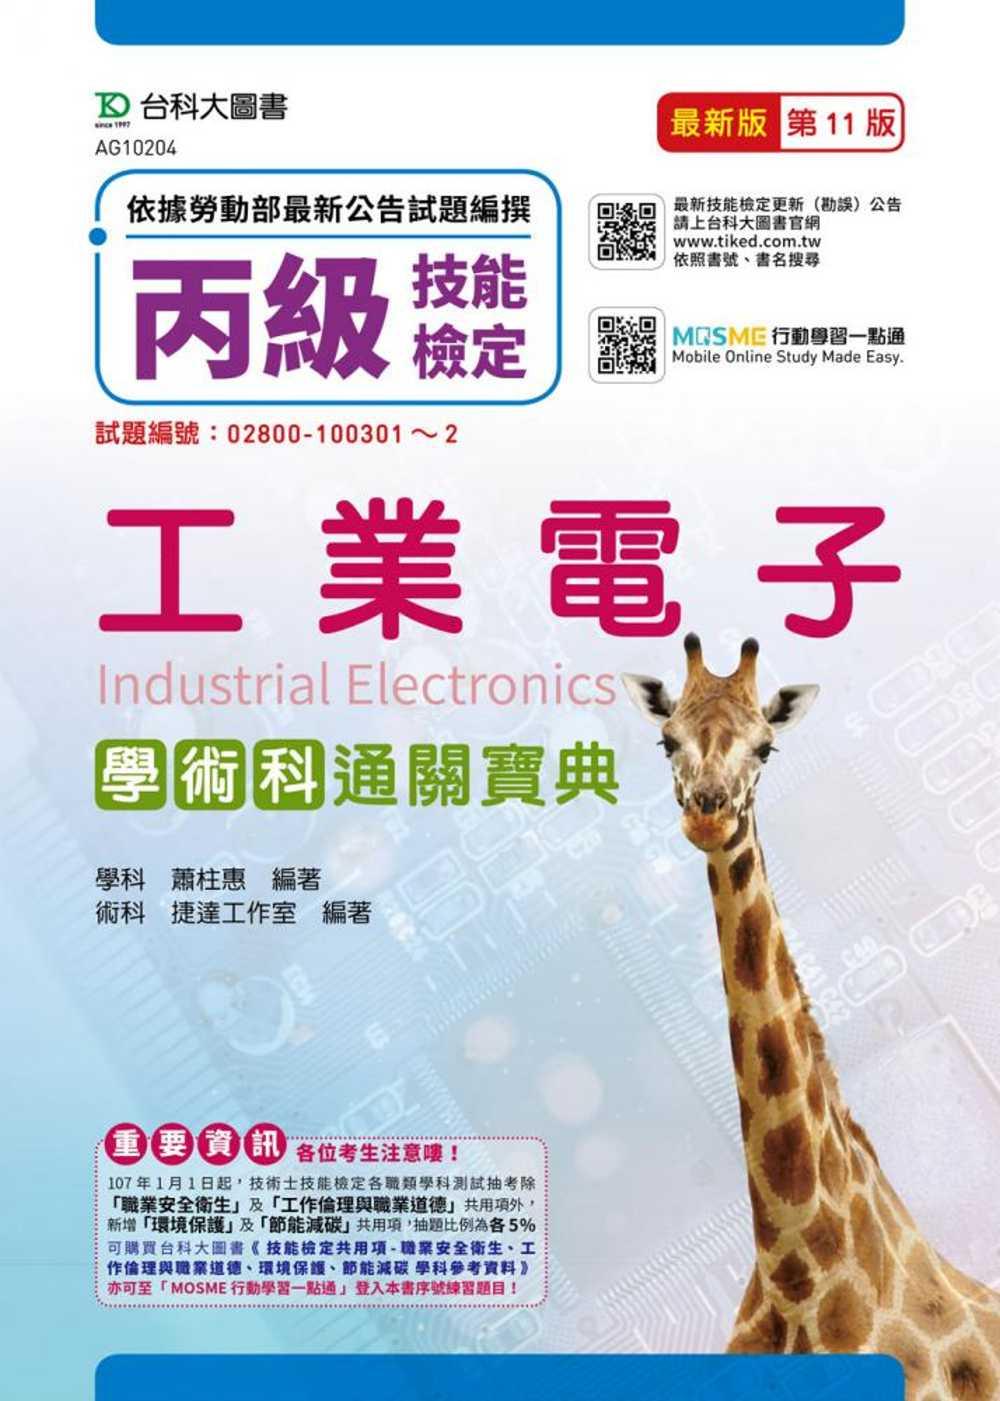 丙級工業電子學術科通關寶典最新版(第十一版)(附贈MOSME行動學習一點通)